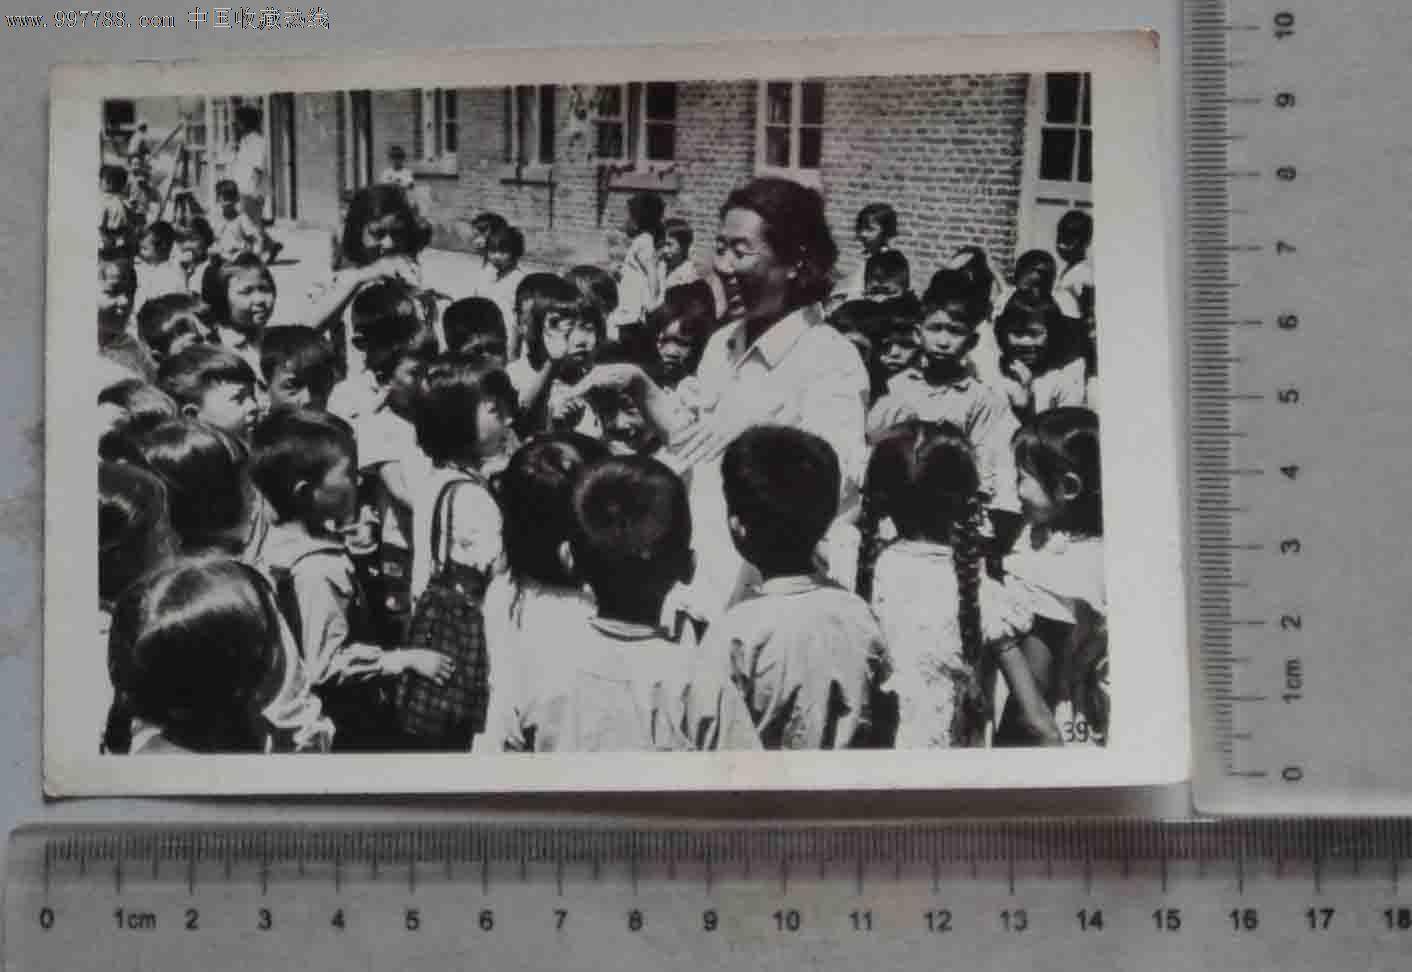 老师与可爱的孩子们合影(老照片)